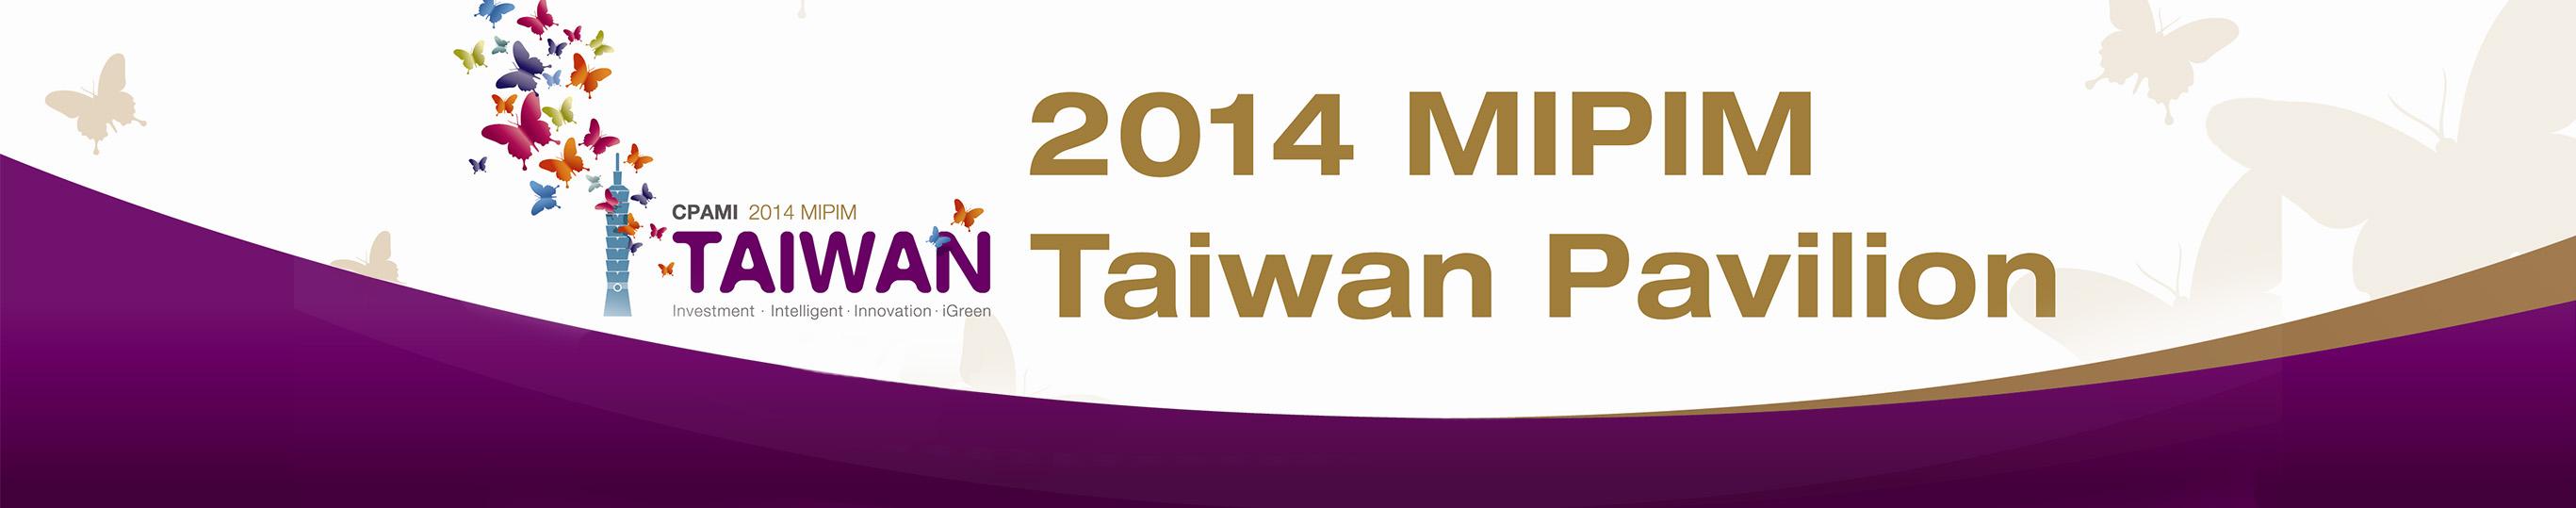 MIPIM 2014